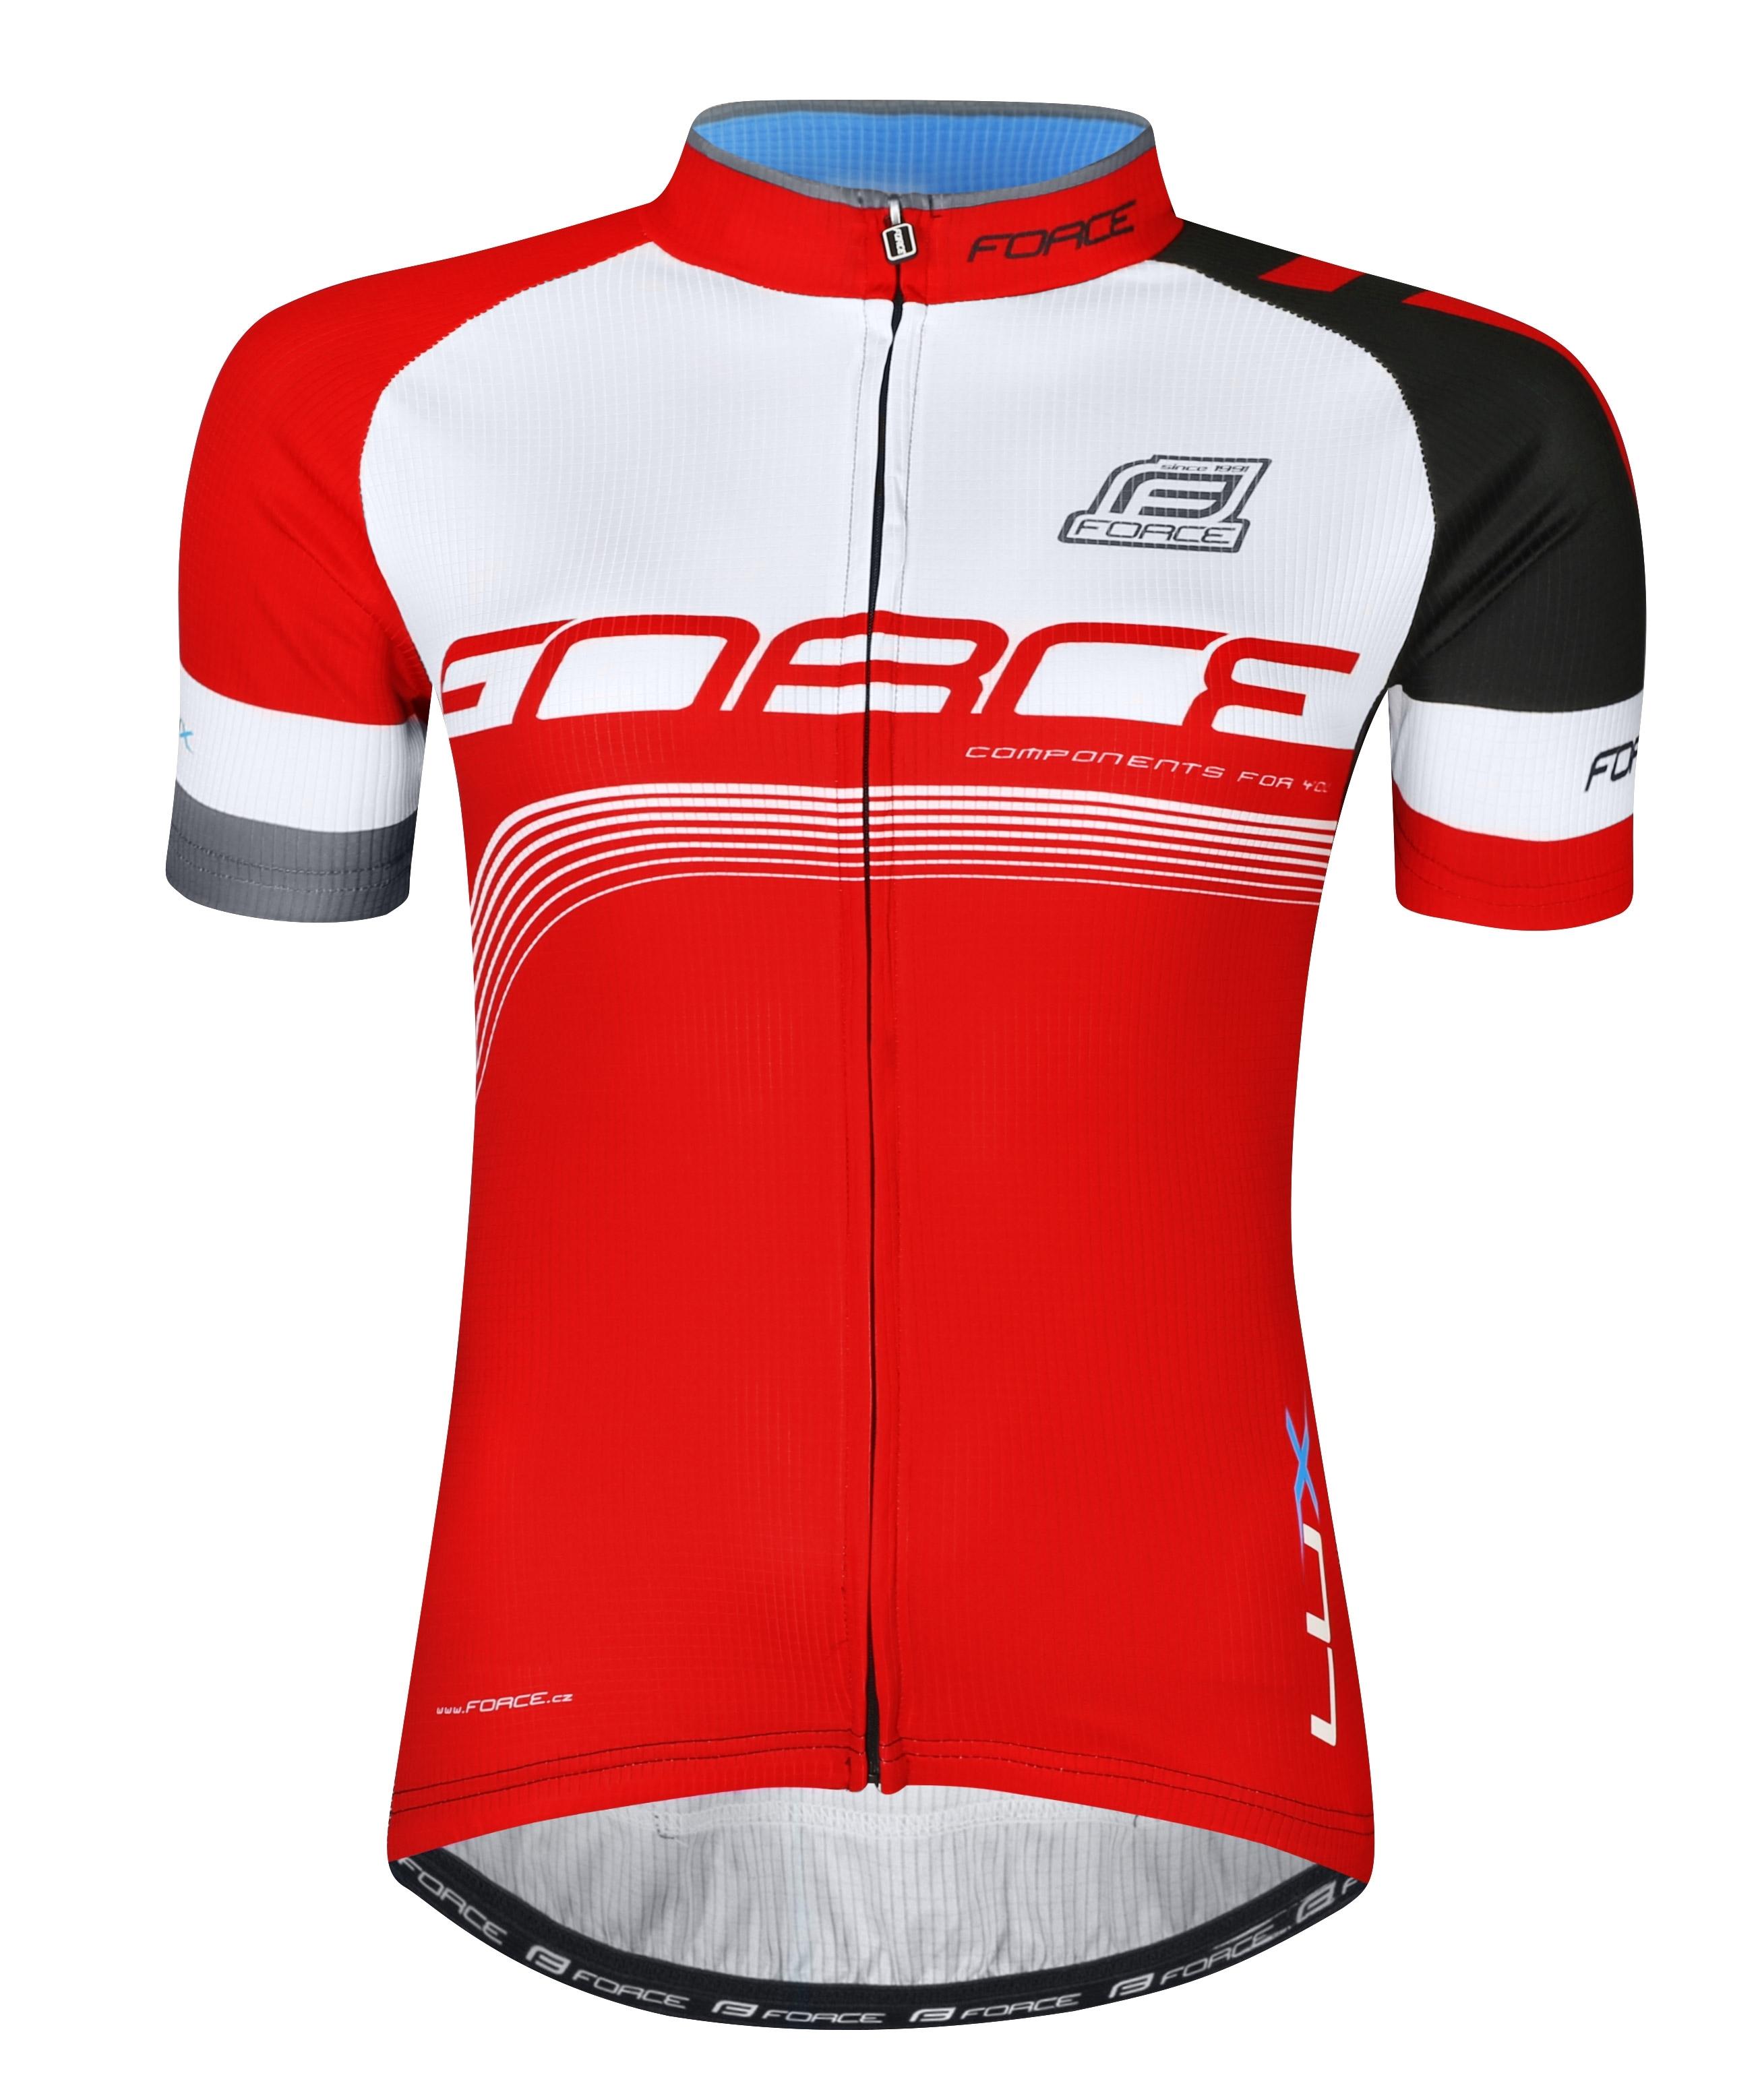 dres FORCE LUX krátký rukáv,červeno-černo-bílý XL